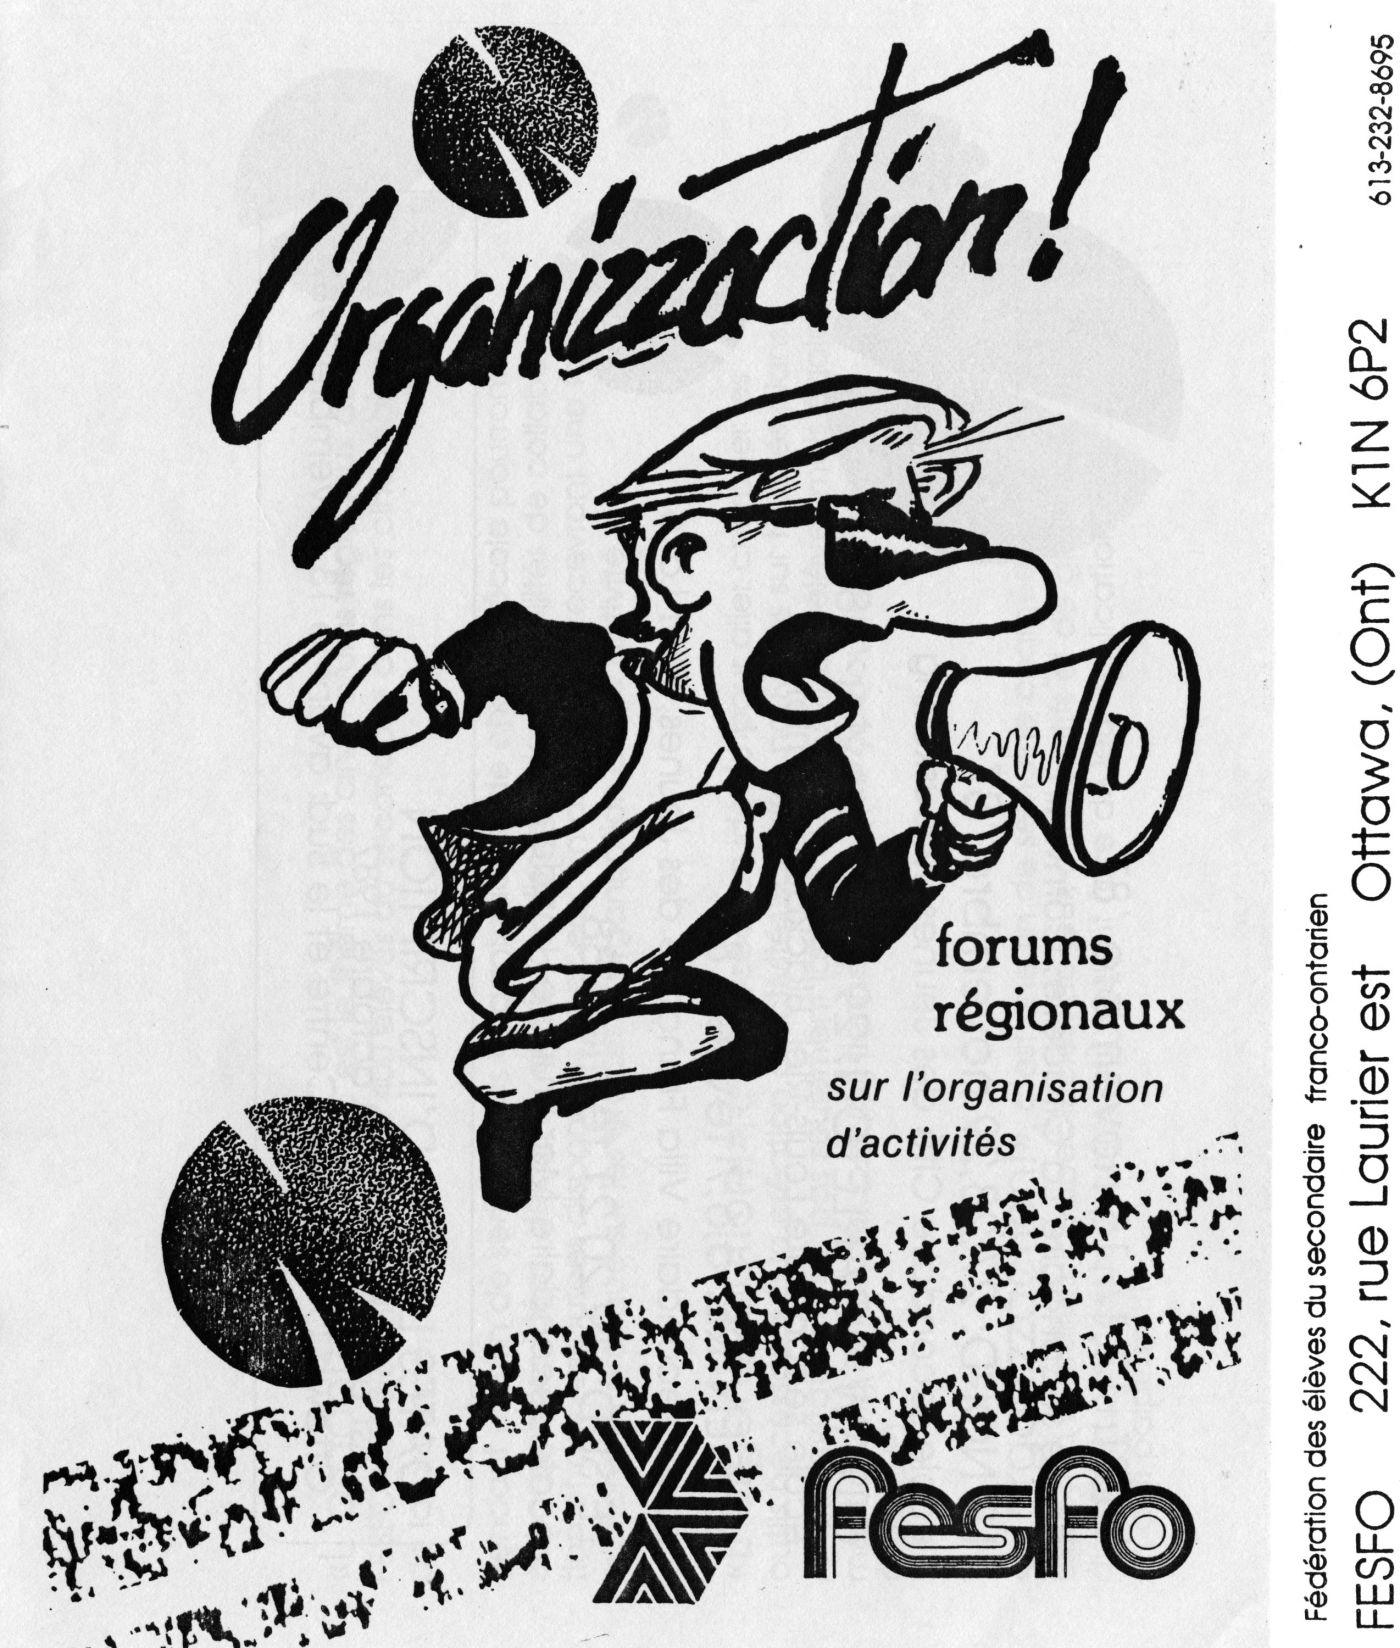 Première page d'un document en noir et blanc, en français. Une caricature d'un jeune homme survolté tenant un porte-voix, sous lequel figurent le nom de l'événement, ainsi que le logo de la FESFO. À la verticale sur le côté droit de la page, le nom, l'adresse et le numéro de téléphone de l'organisme.